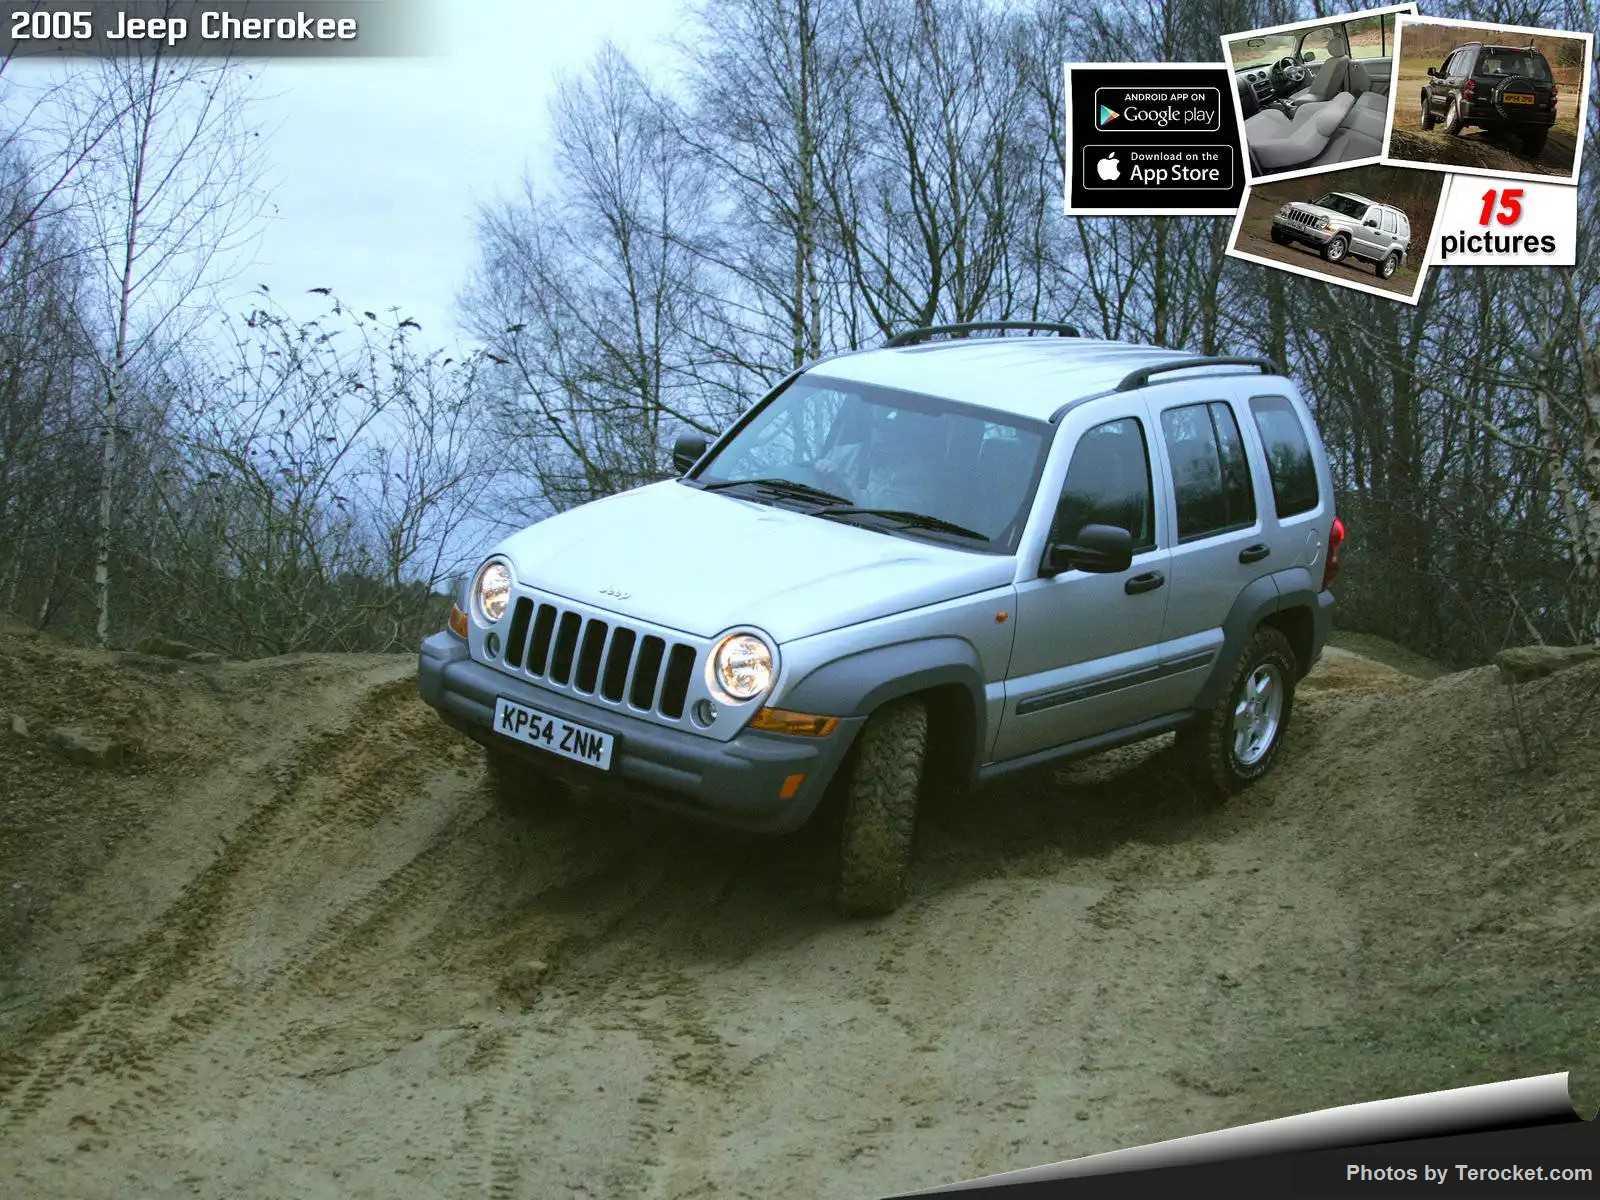 Hình ảnh xe ô tô Jeep Cherokee UK Version 2005 & nội ngoại thất